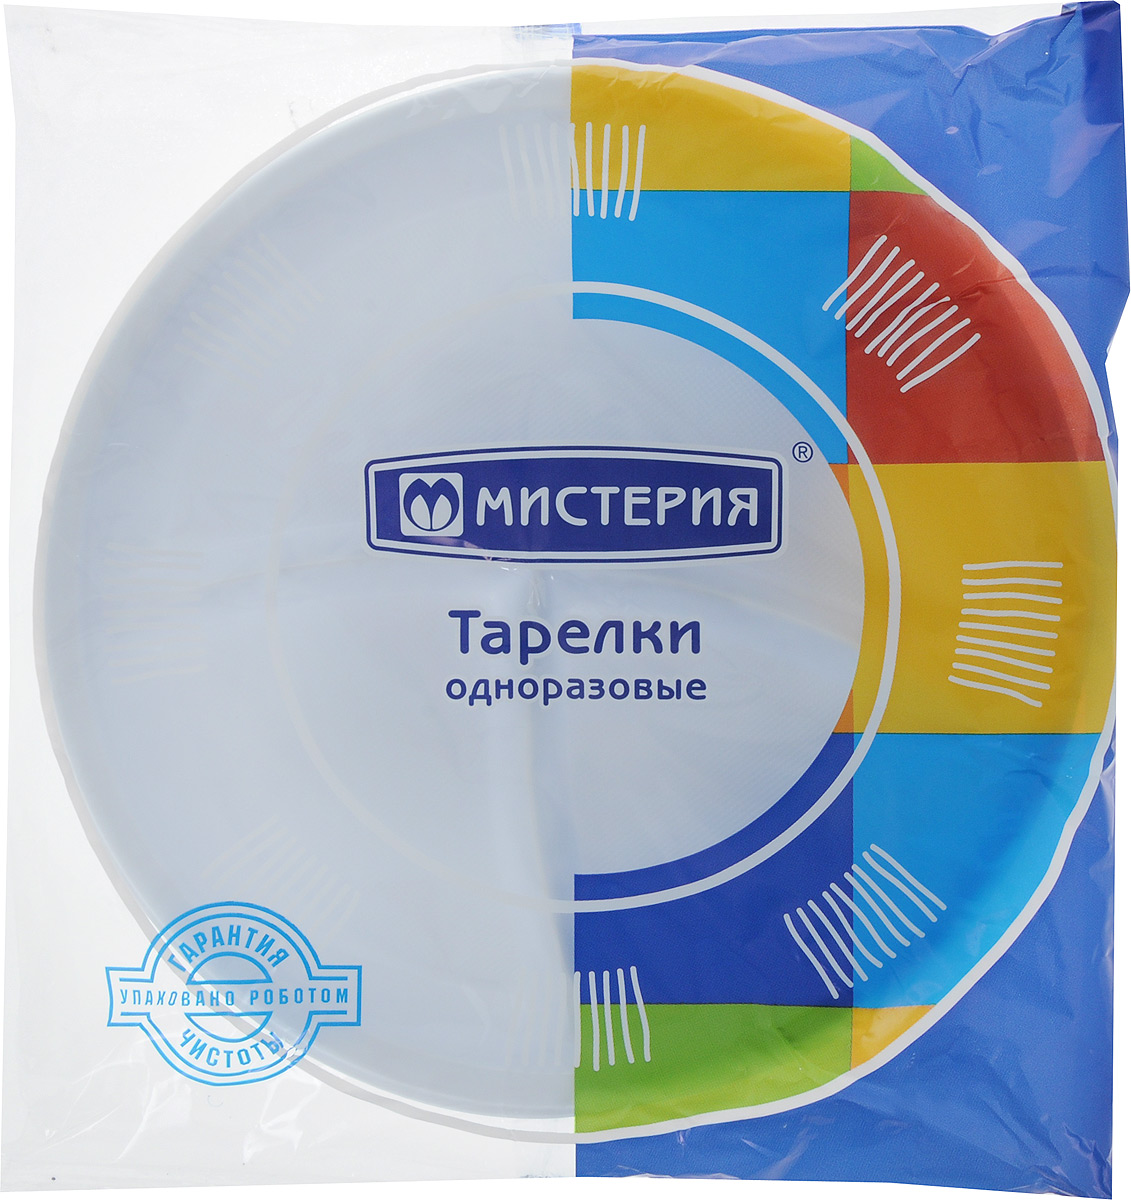 Набор одноразовых тарелок Мистерия, 3 секции, диаметр 21 см, 12 шт183480/Набор Мистерия состоит из 12 круглых тарелок, выполненных из полистирола и предназначенных для одноразового использования. Подходят для пищевых продуктов и имеют 3 секции. Одноразовые тарелки будут незаменимы при поездках на природу, пикниках и других мероприятиях. Они не займут много места, легки и самое главное - после использования их не надо мыть.Диаметр тарелки: 21 см.Высота тарелки: 2 см.